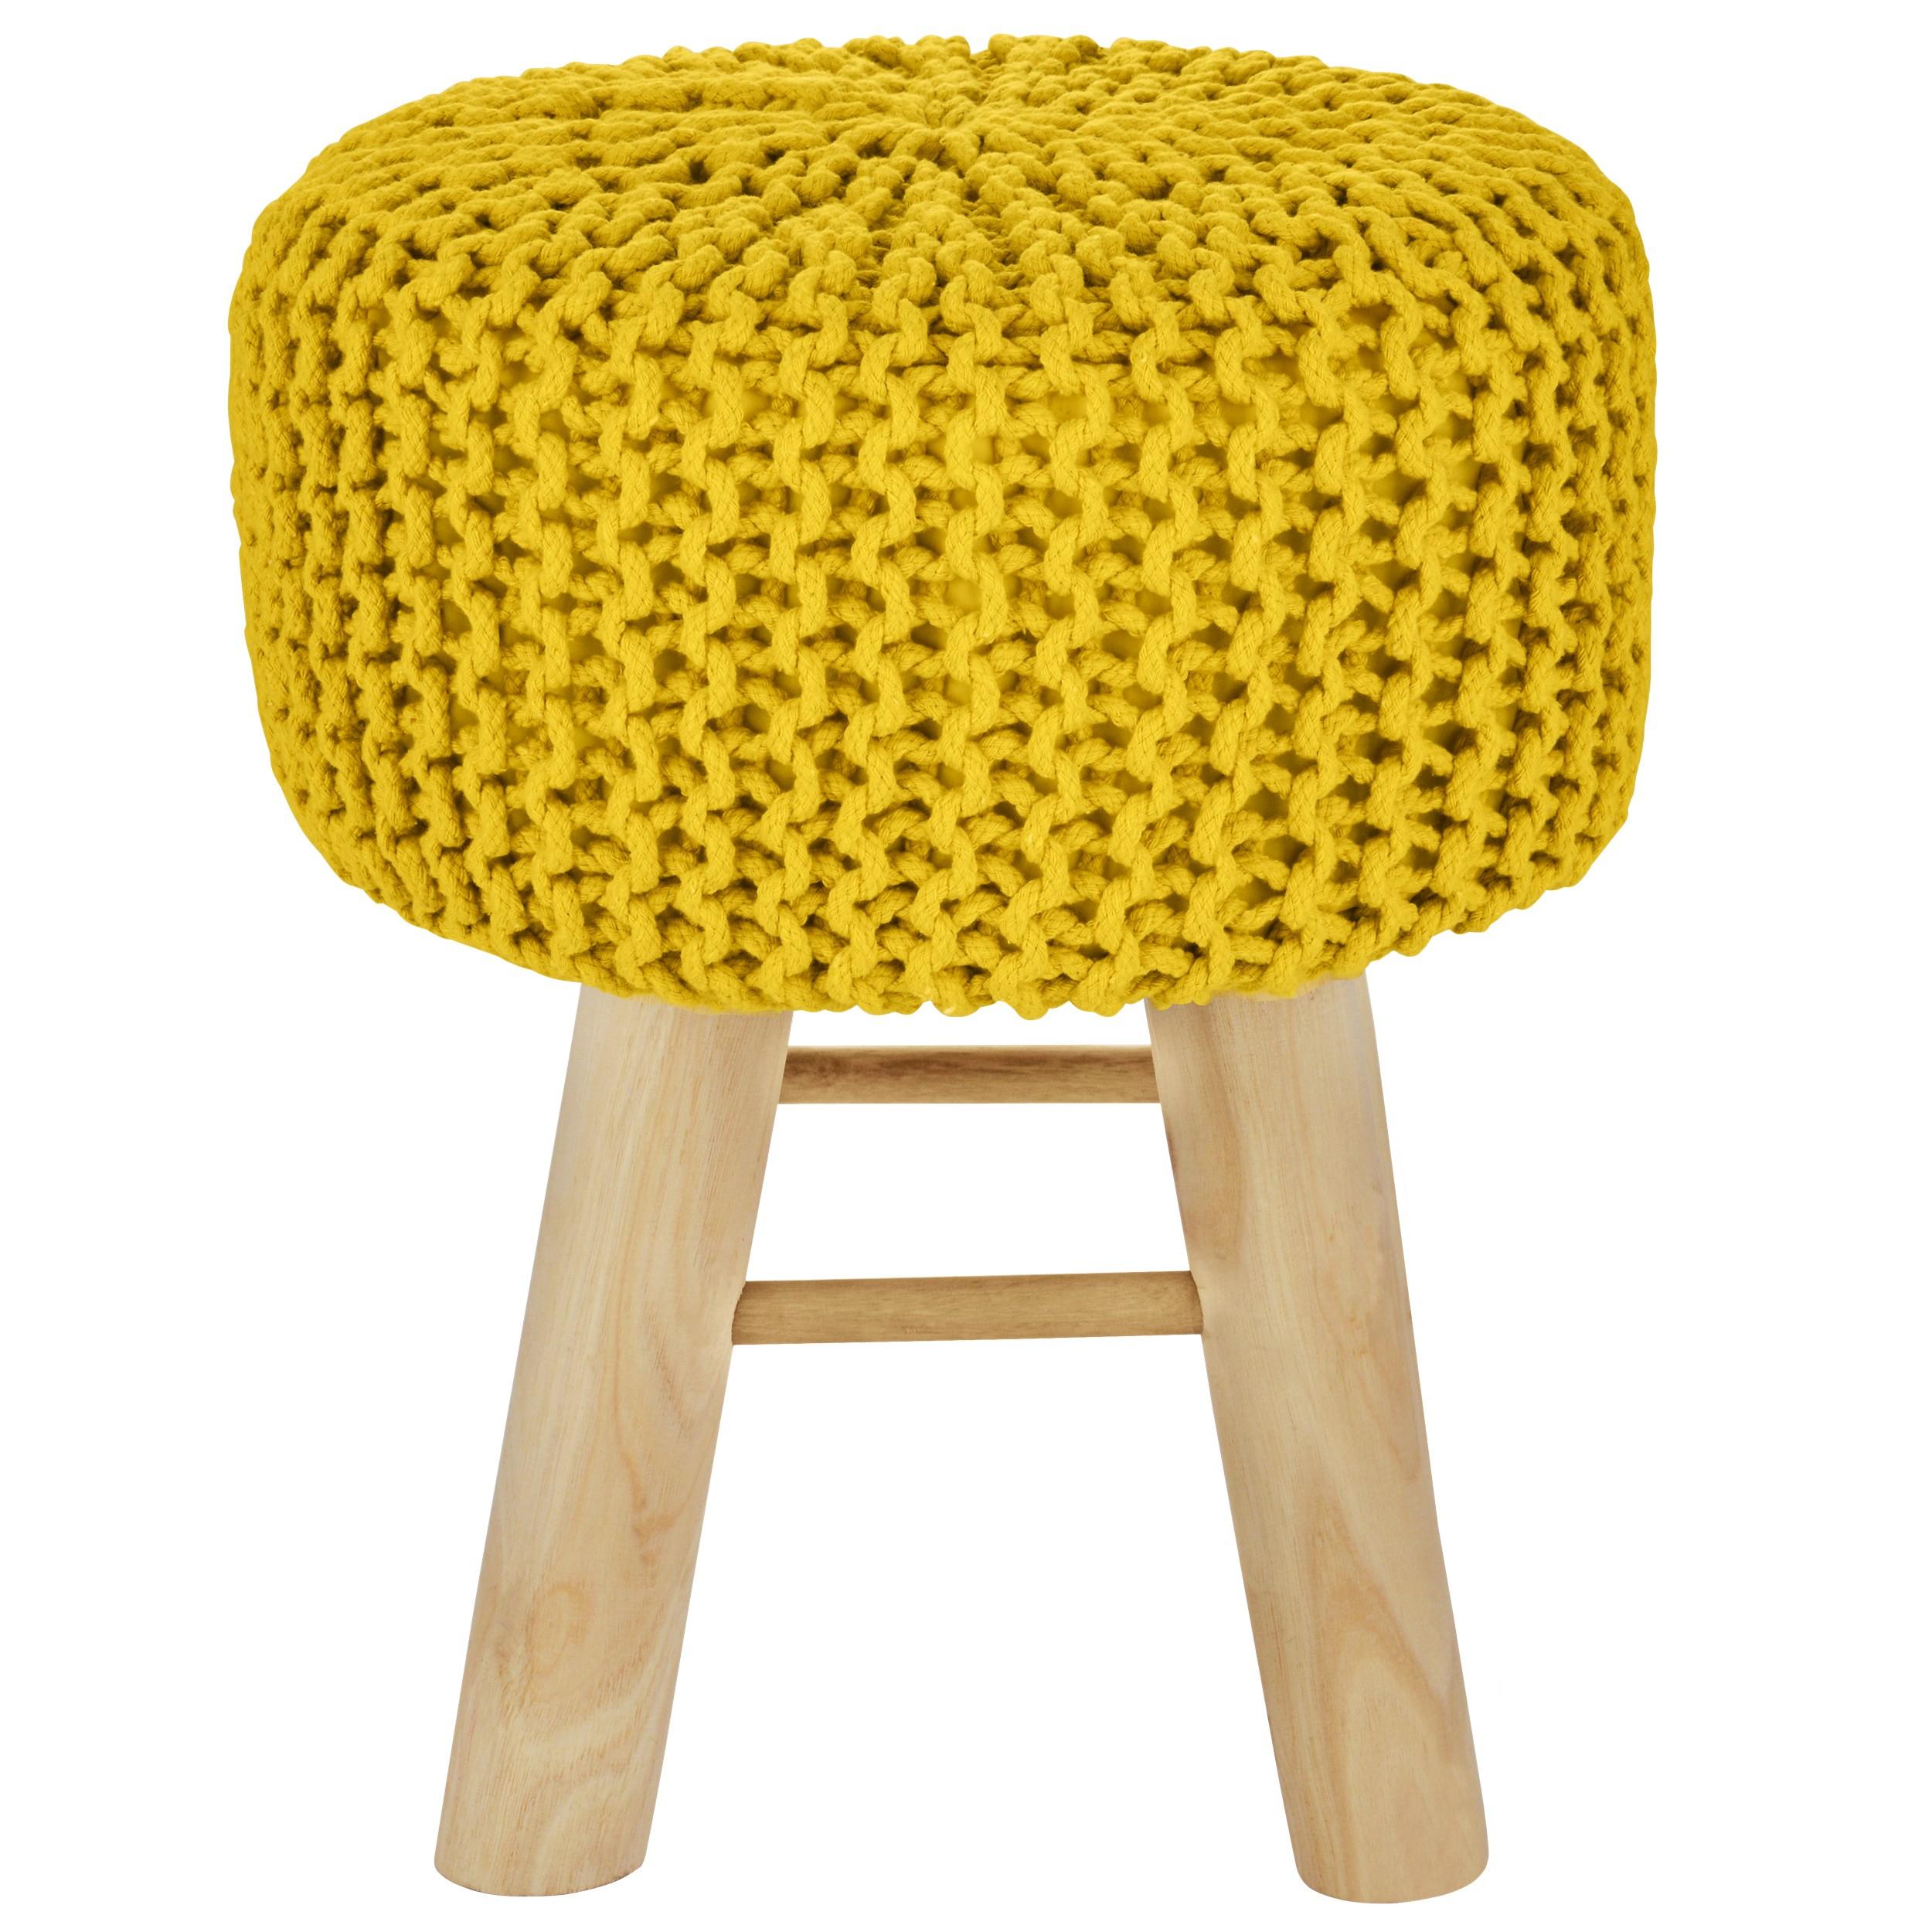 Comment Faire Du Jaune Moutarde tabouret tricot lise jaune moutarde